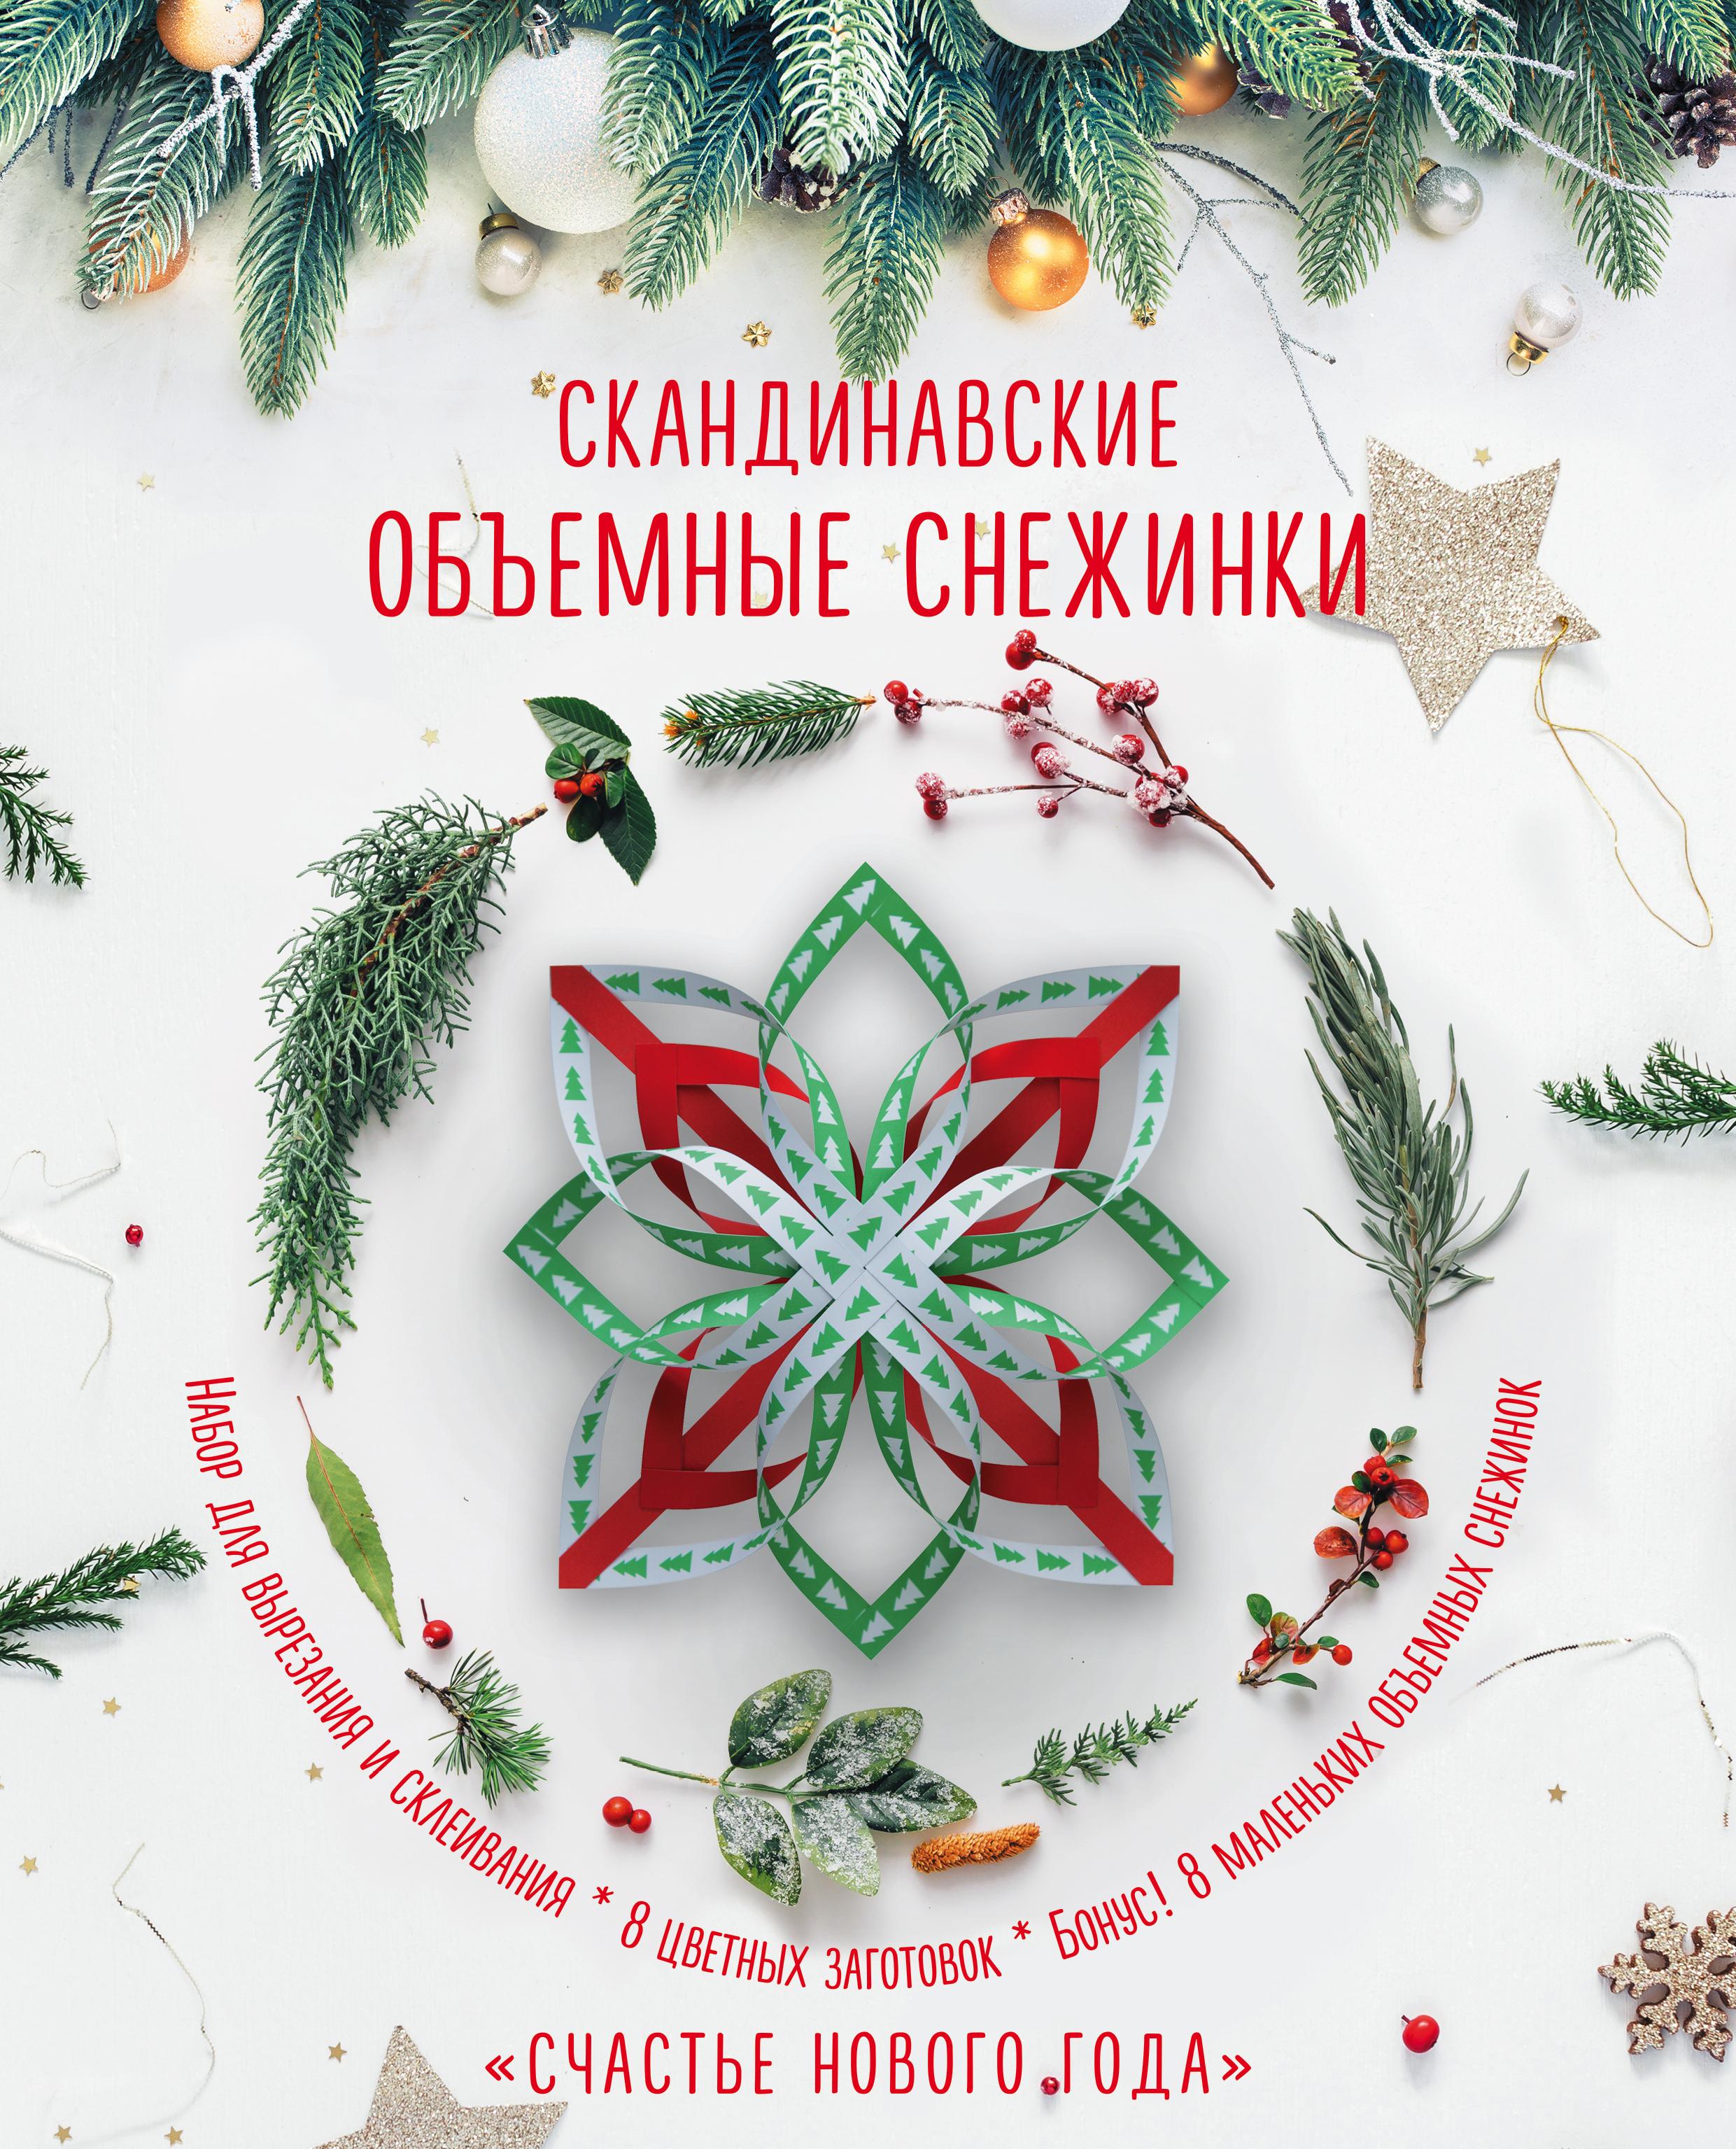 Анна Зайцева Скандинавские объемные снежинки Счастье Нового года